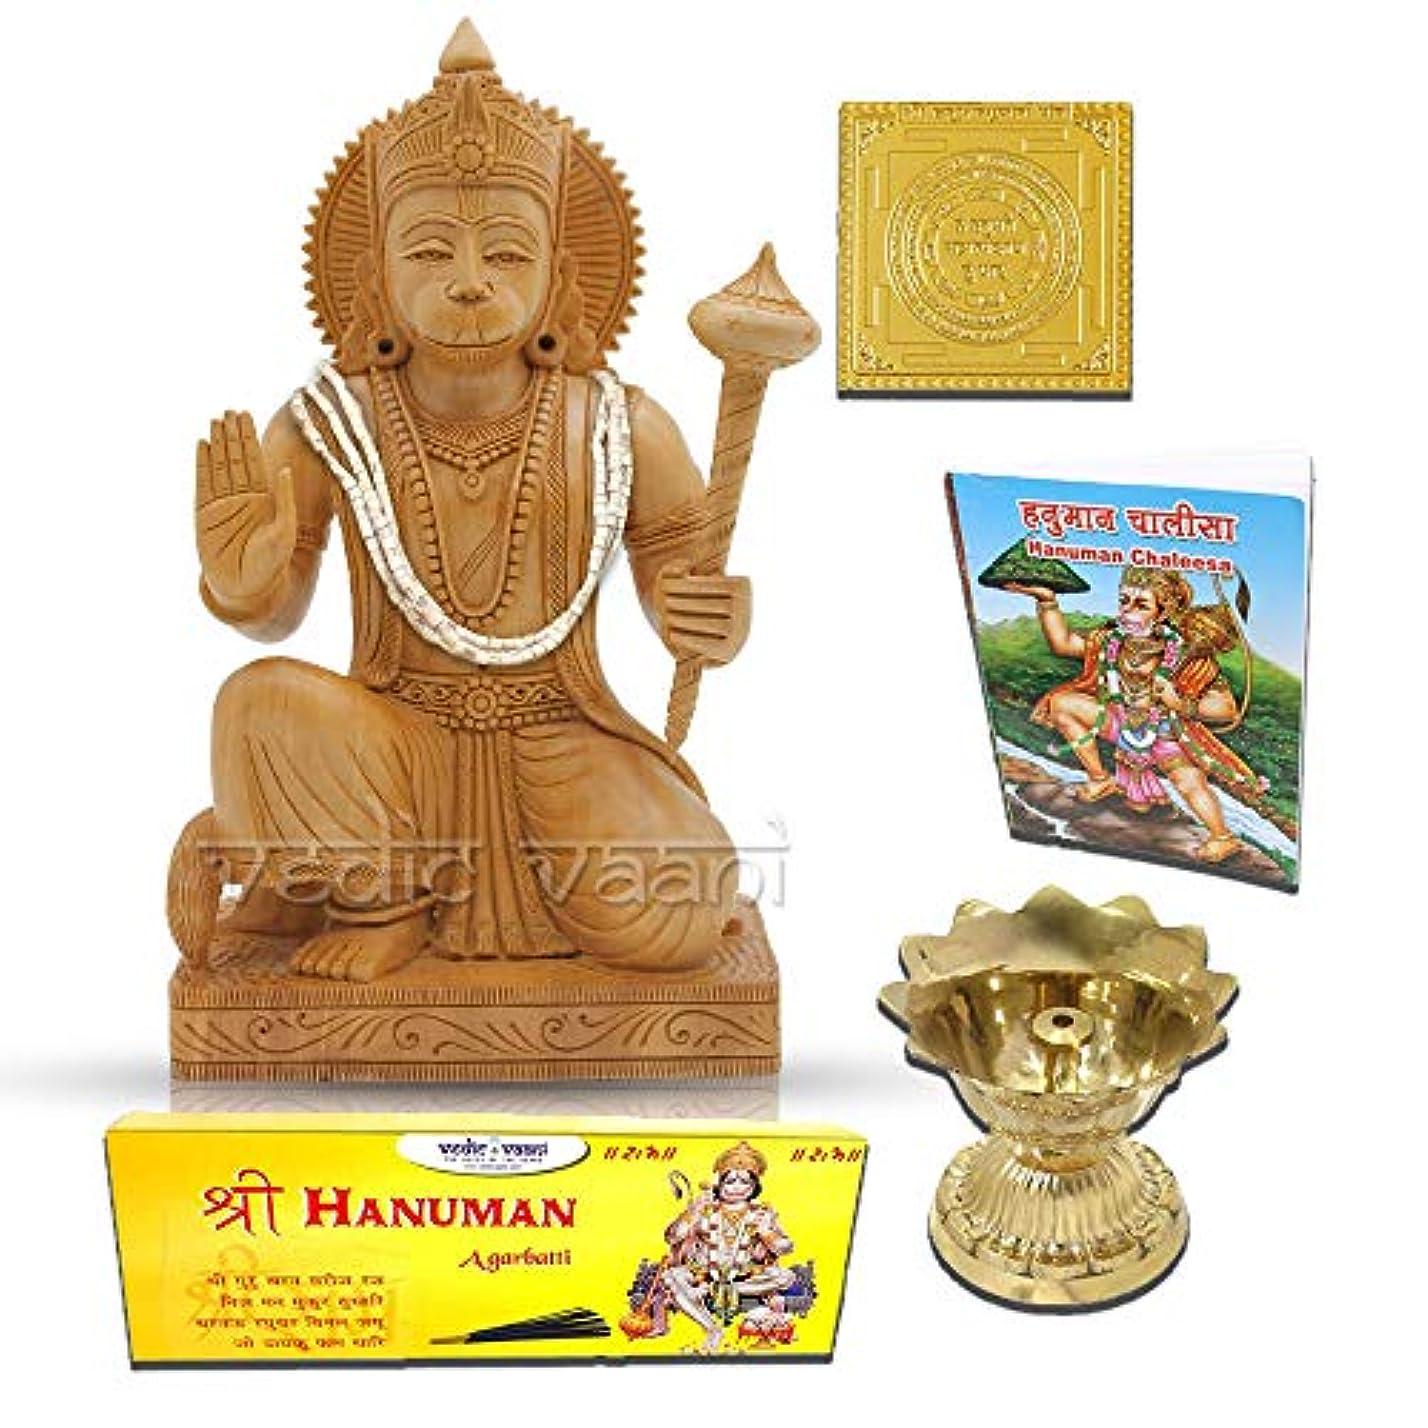 地下鉄とらえどころのない意図するLord Hanuman木製Statue withヤントラ、Chalisa、Diya and Incense Sticks Vedic Vaani